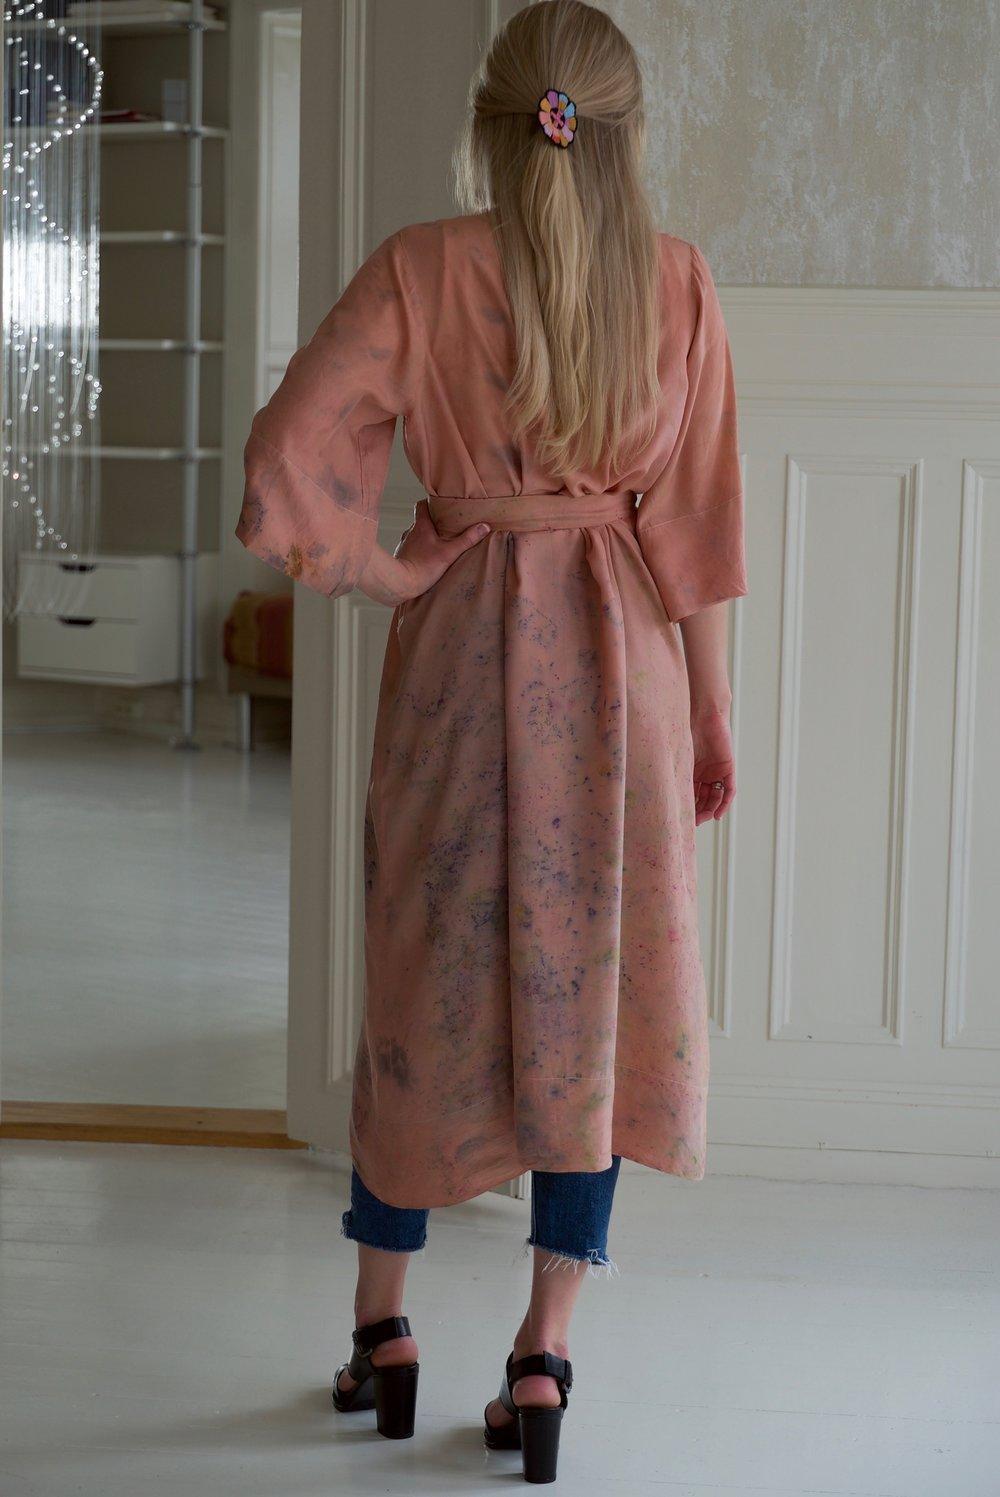 Robe 20 Victoria, m belte bak.jpg